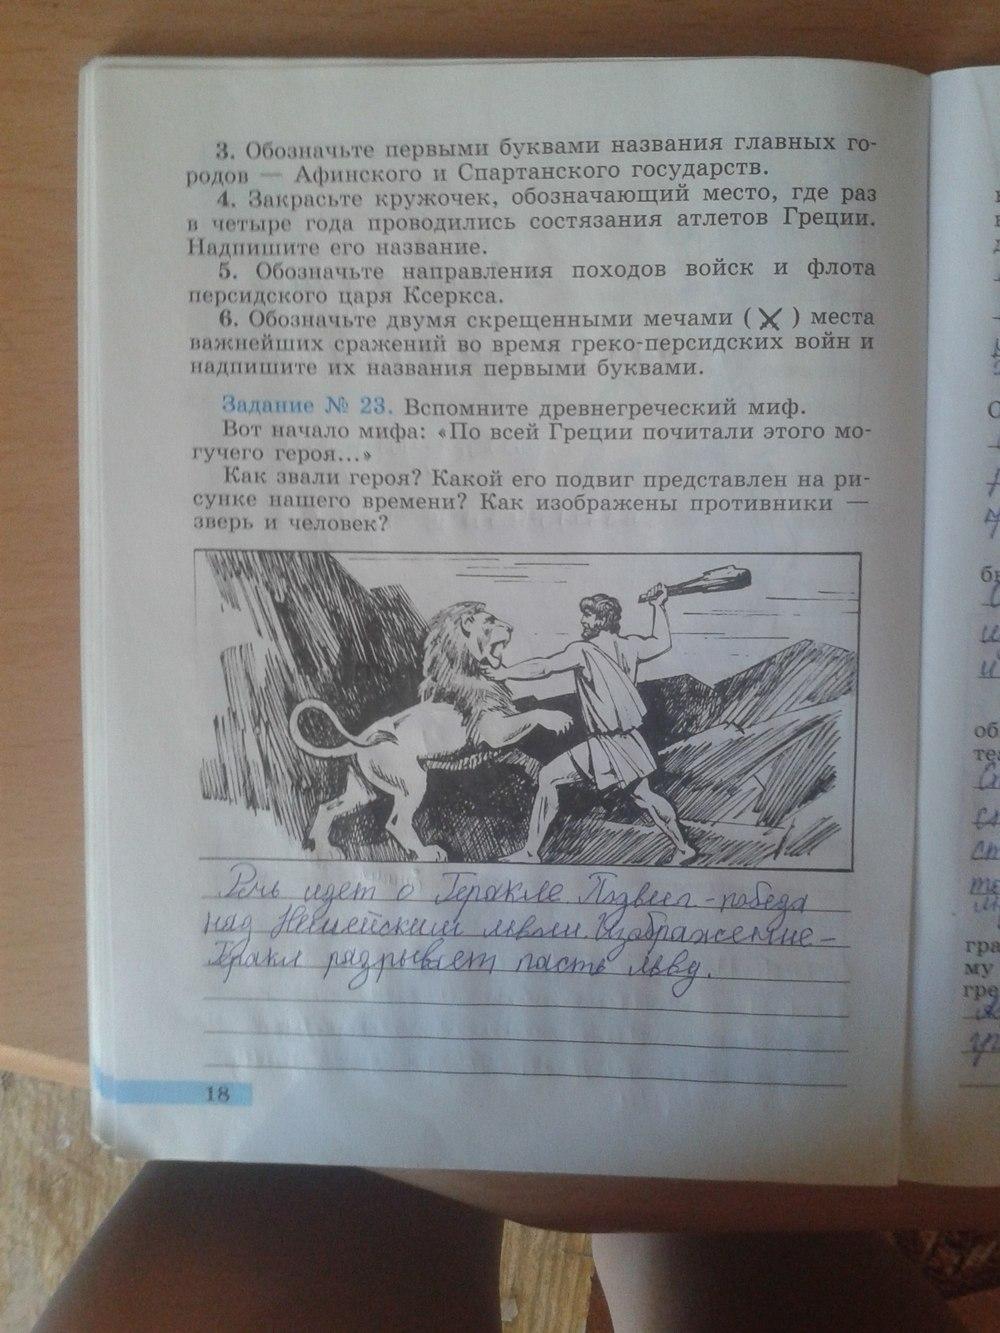 Решебник 5 класс по истории древнего мира 2 часть